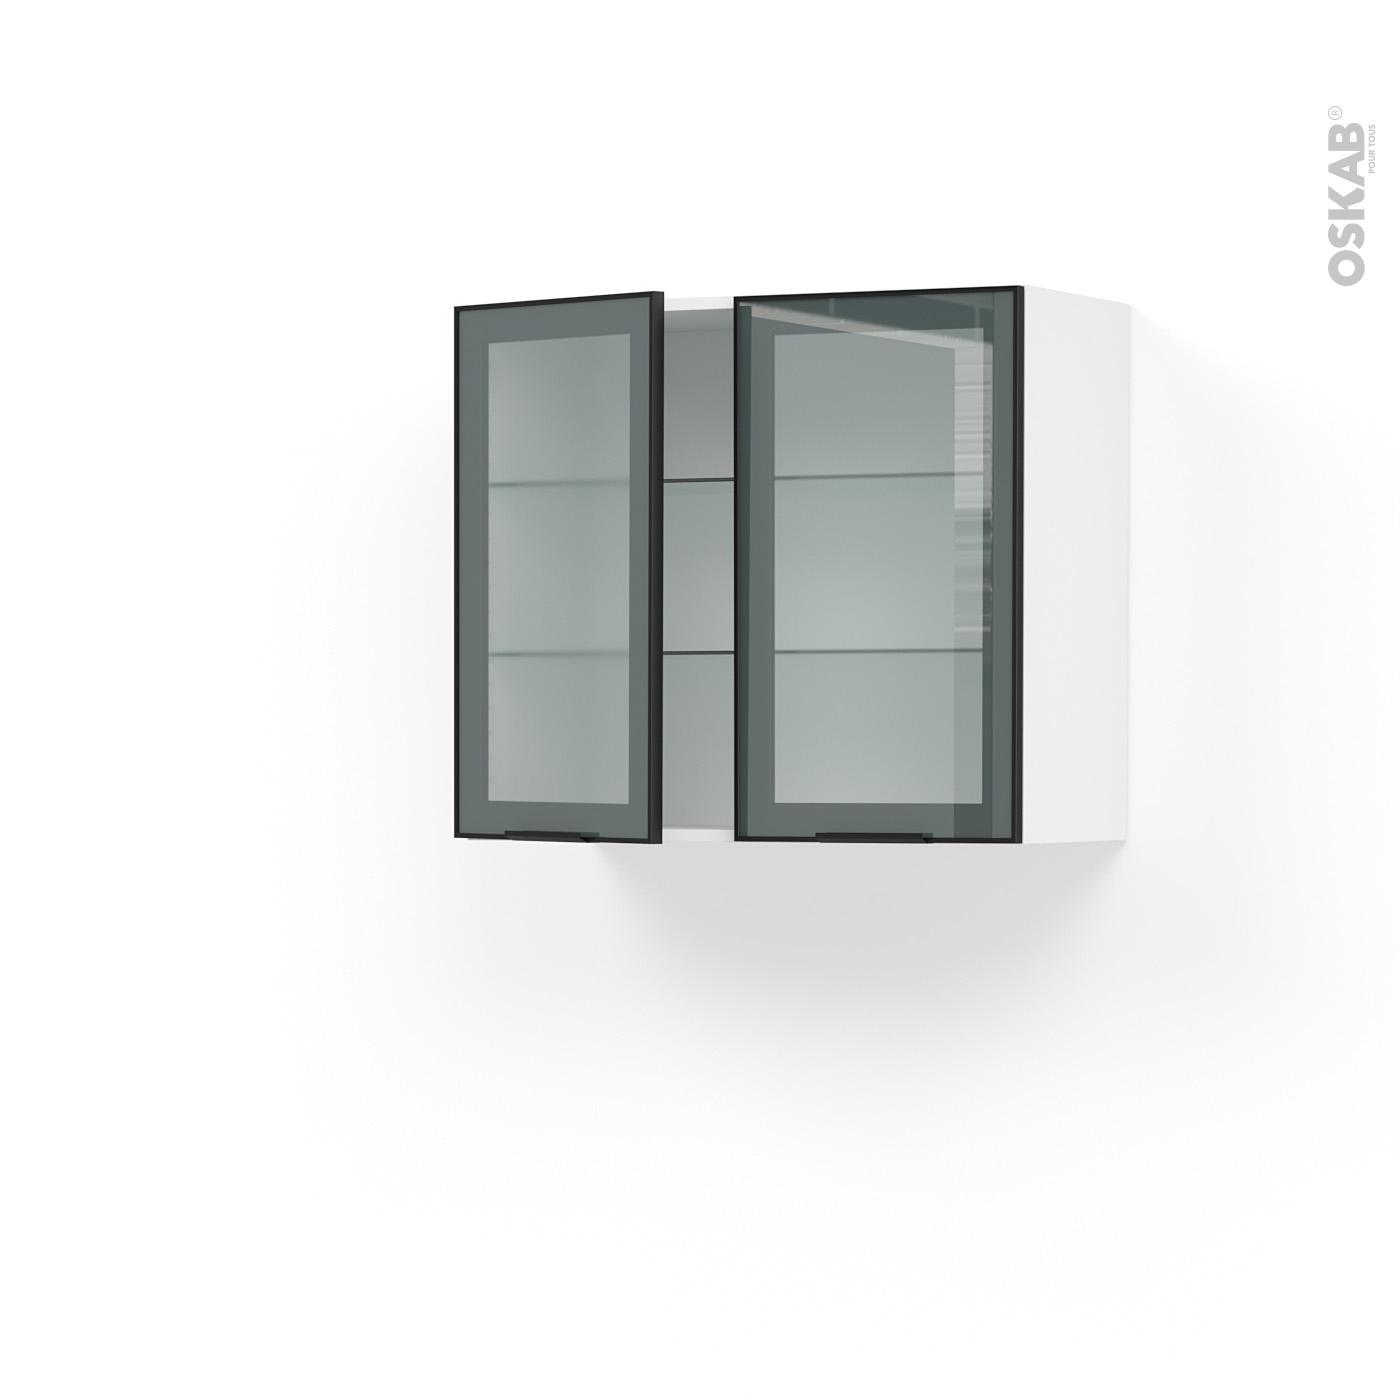 Meuble de cuisine Haut ouvrant vitré Façade noire alu, 11 portes, L11 x H11  x P11 cm, SOKLEO